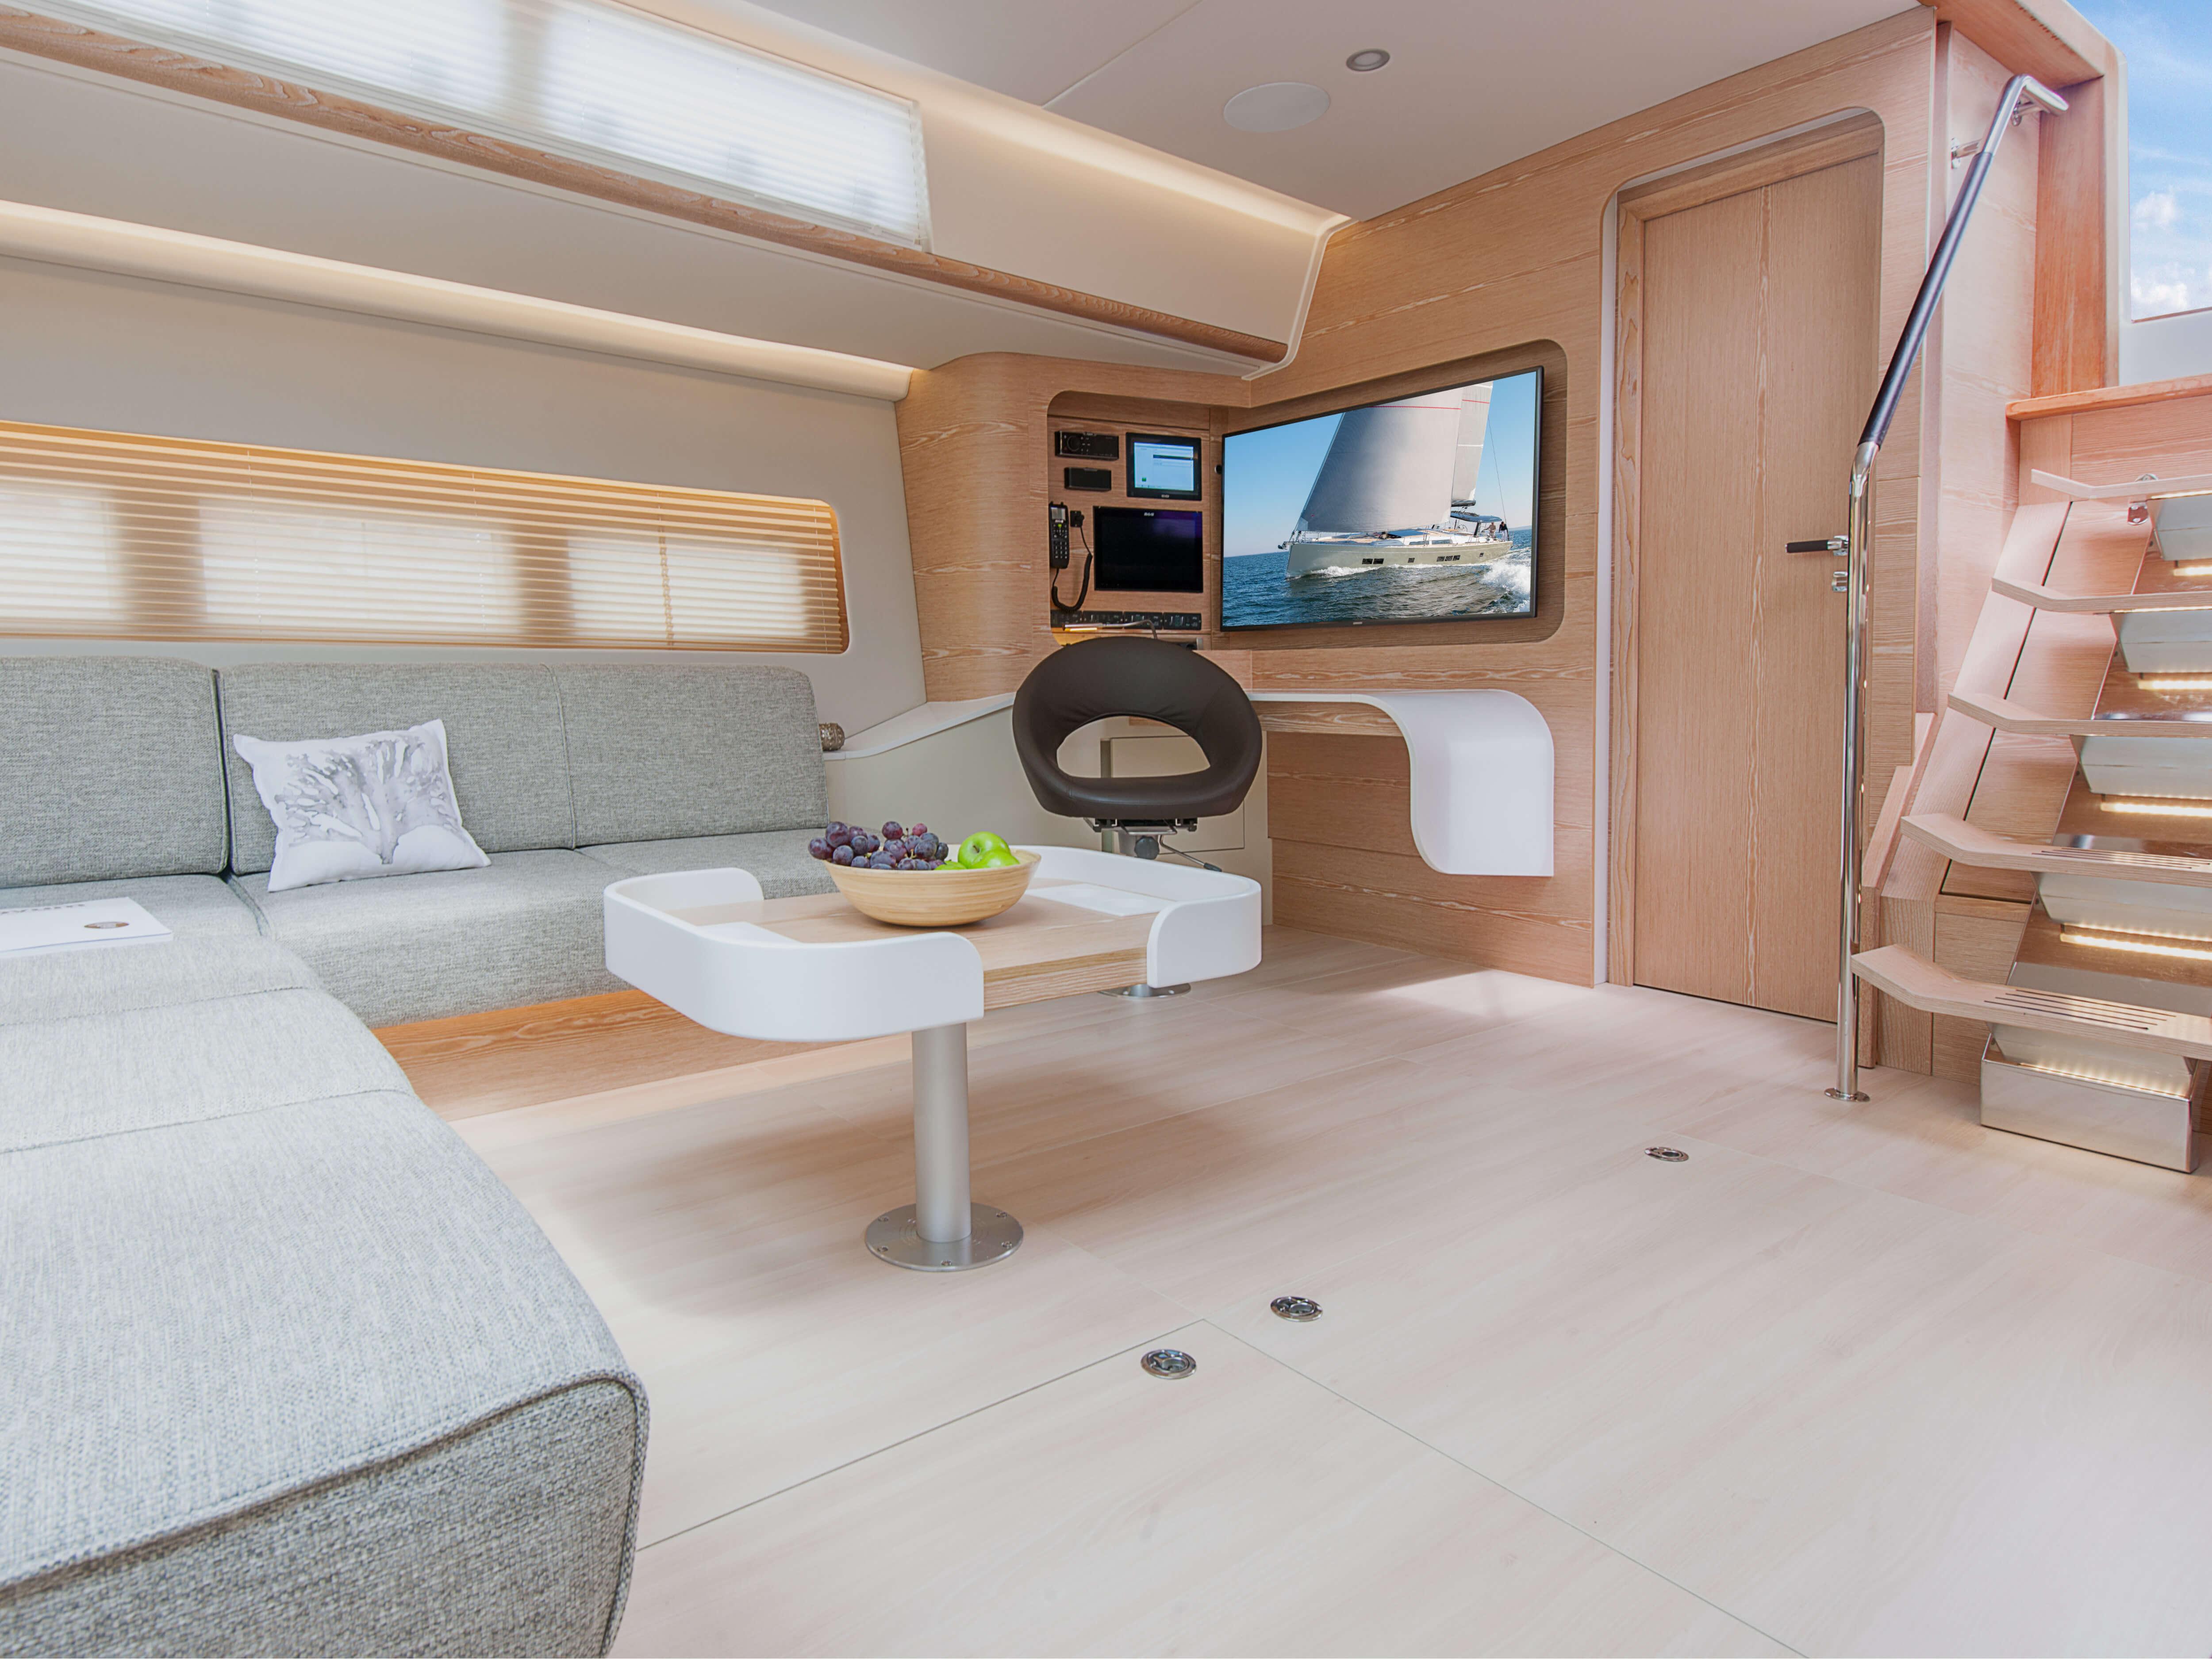 Hanse 675 | Çeşitli yerleşim seçenekleri ve kaliteli kumaşlar, zarif ahşaplar, moda renkler, seçkin zemin malzemeleri ve şık mobilyaların dahil olduğu geniş kombinasyon seçenekleri sayesinde HANSE'nizi kendinize özel, benzersiz bir yata dönüştürebilirsiniz. | Hanse